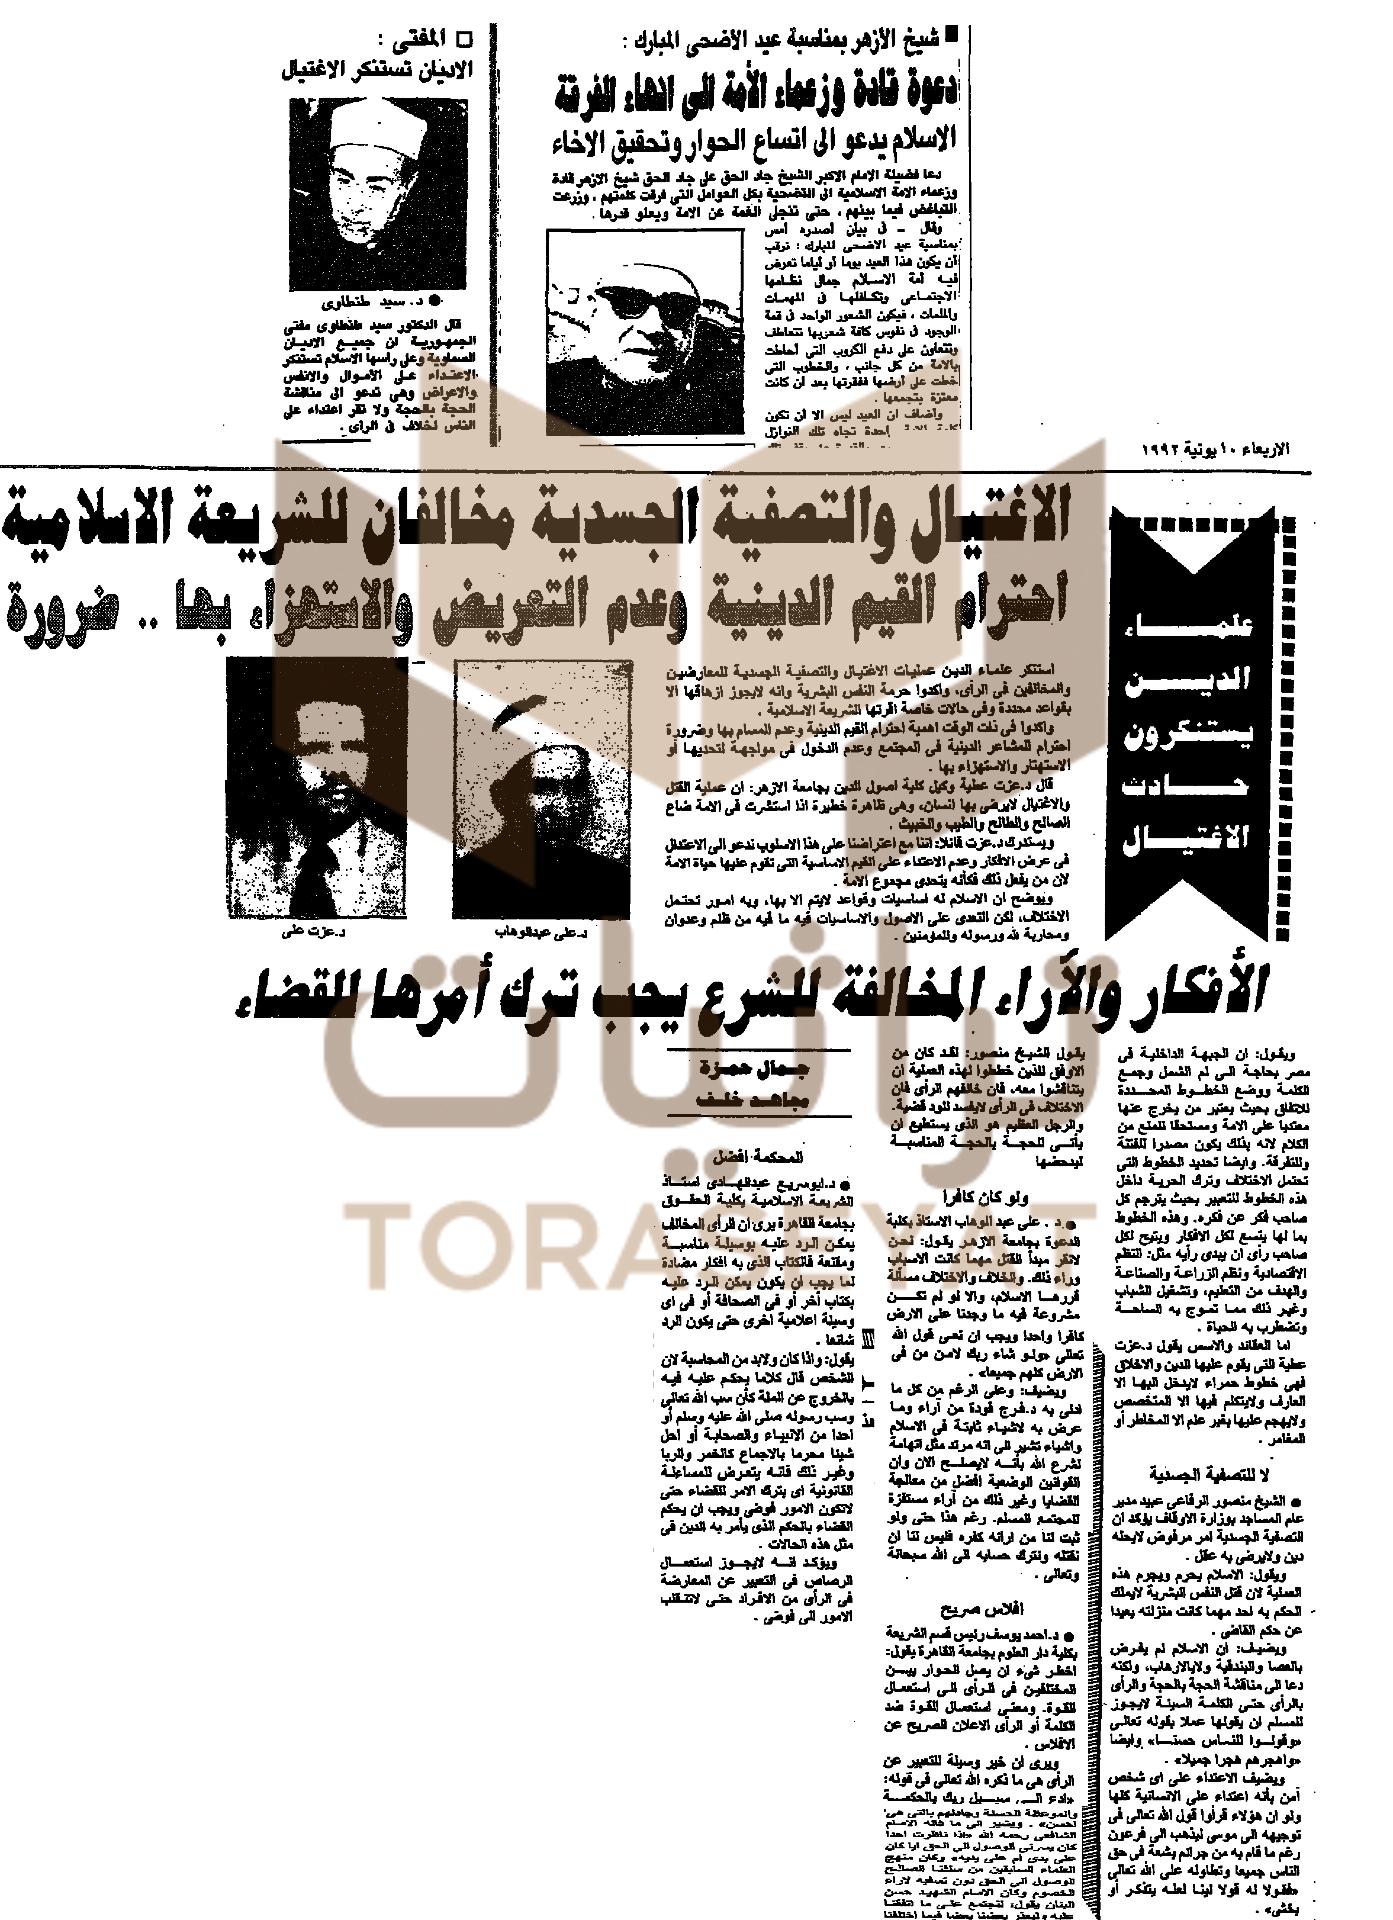 أخبار متفرقة عن إدانة جريمة اغتيال فرج فودة وصمت شيخ الأزهر